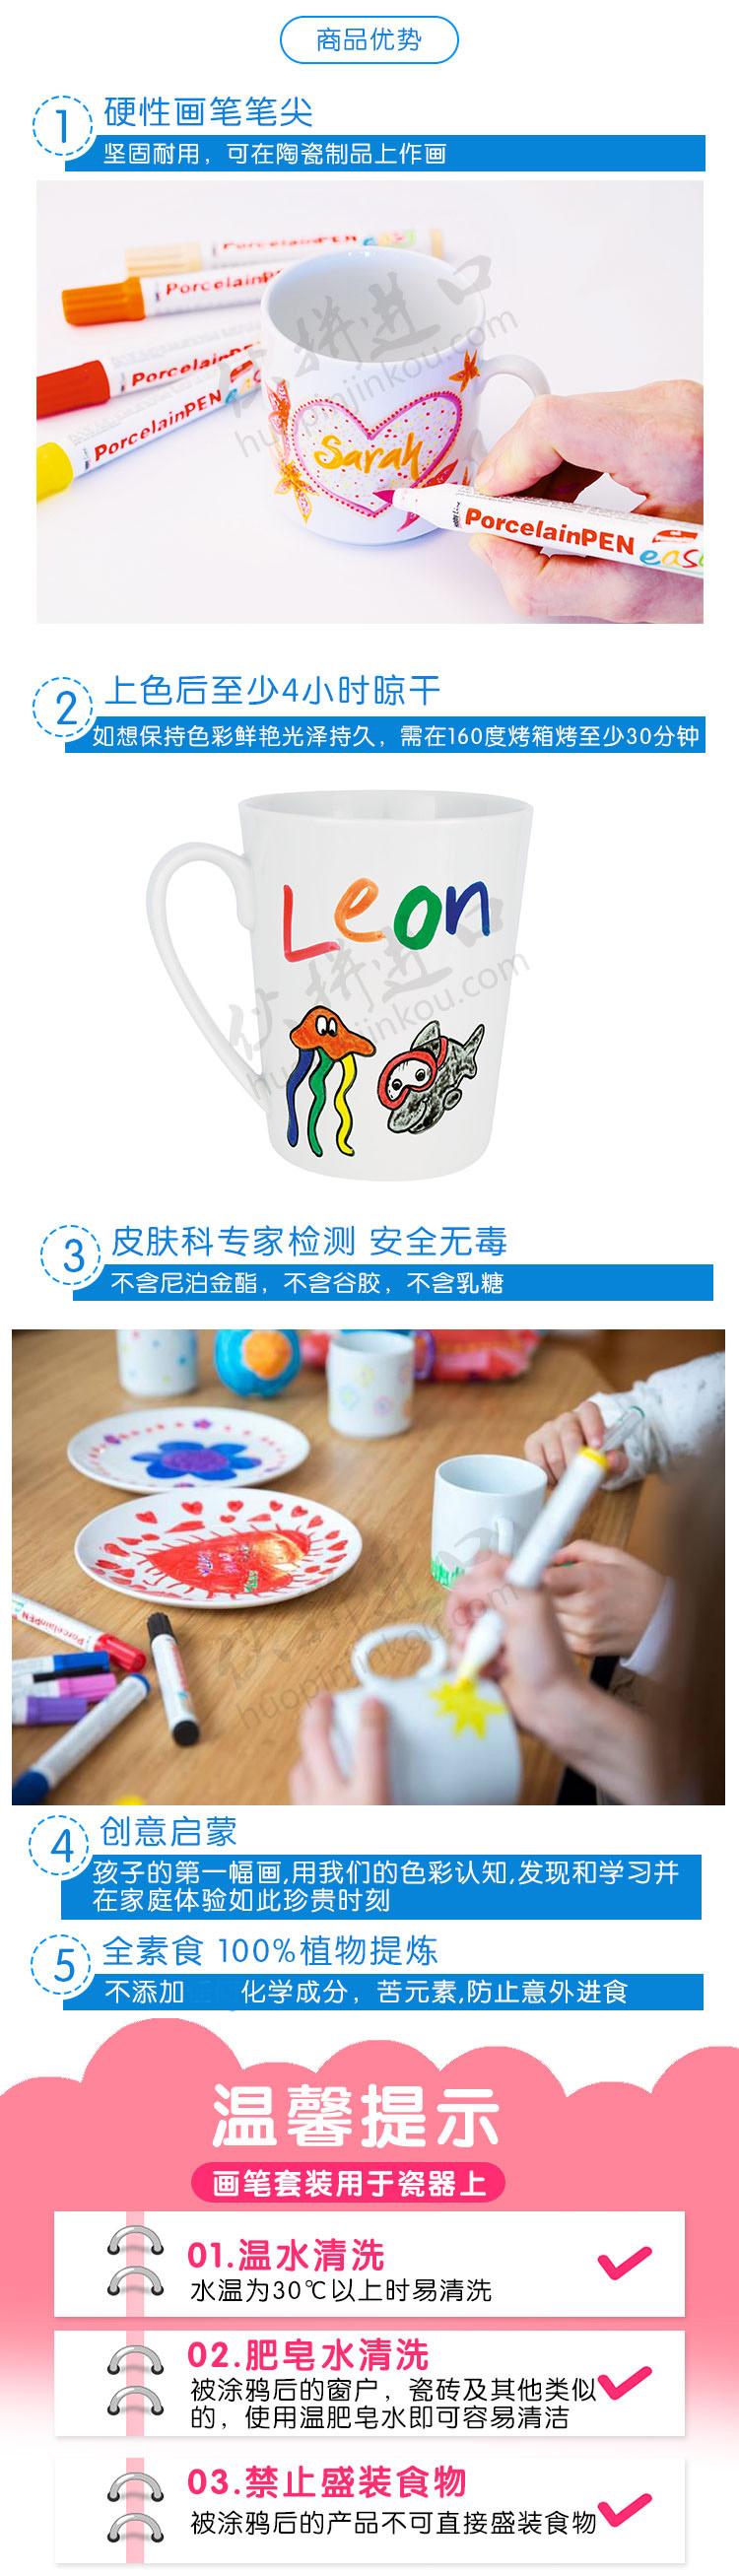 2画笔套装用于瓷器上 (2).jpg